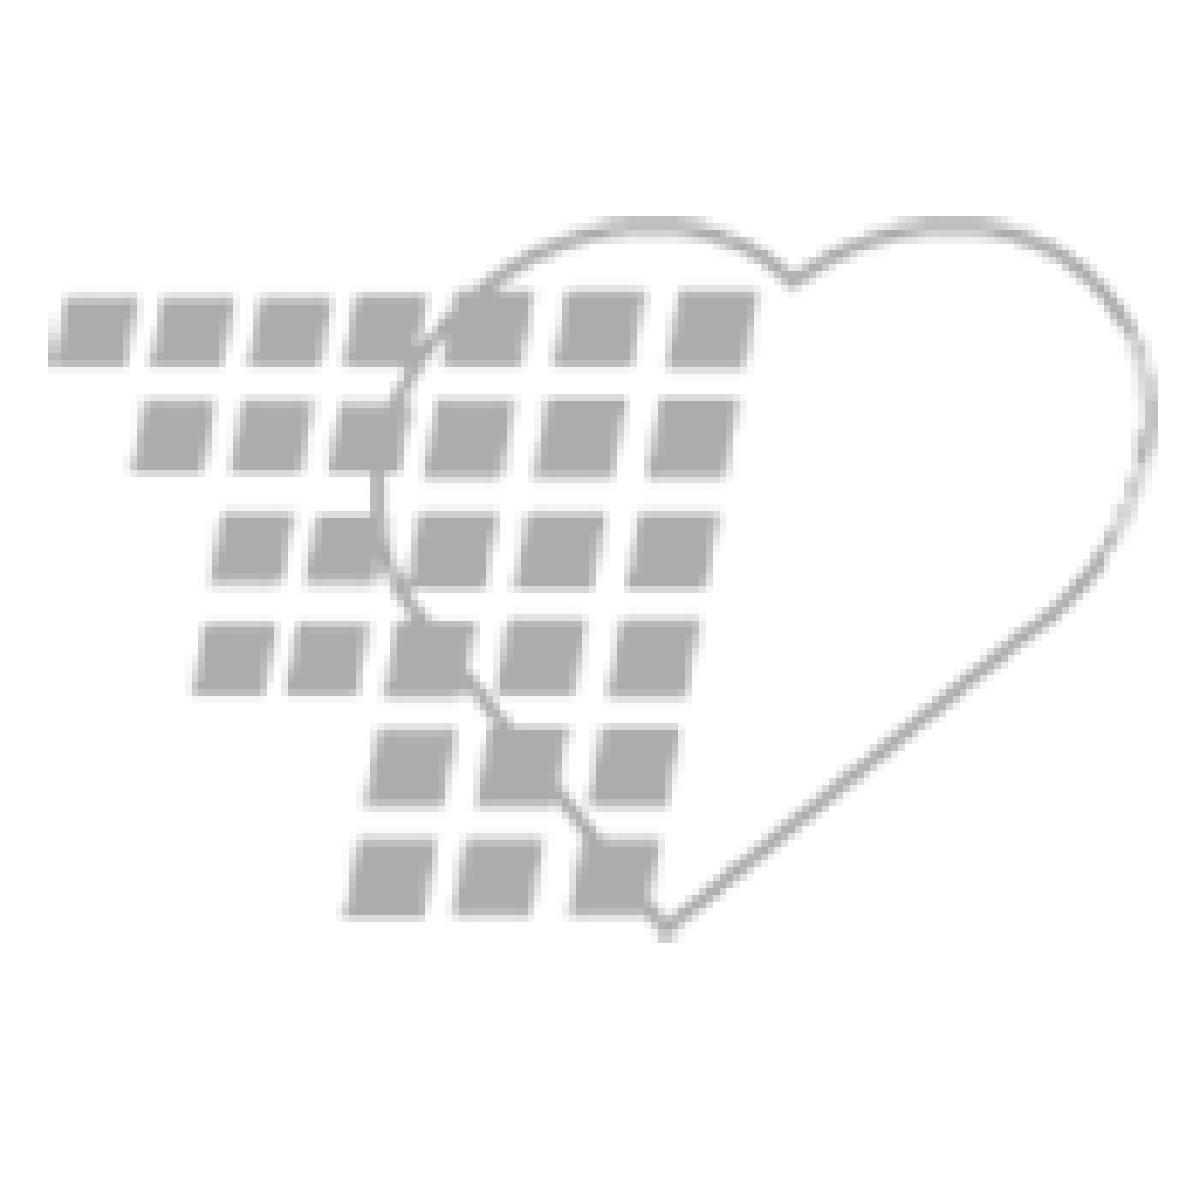 06-93-9016 - Demo Dose® Lanoxn Elixr (Digoxn) 60mL Vial 50mcg/mL